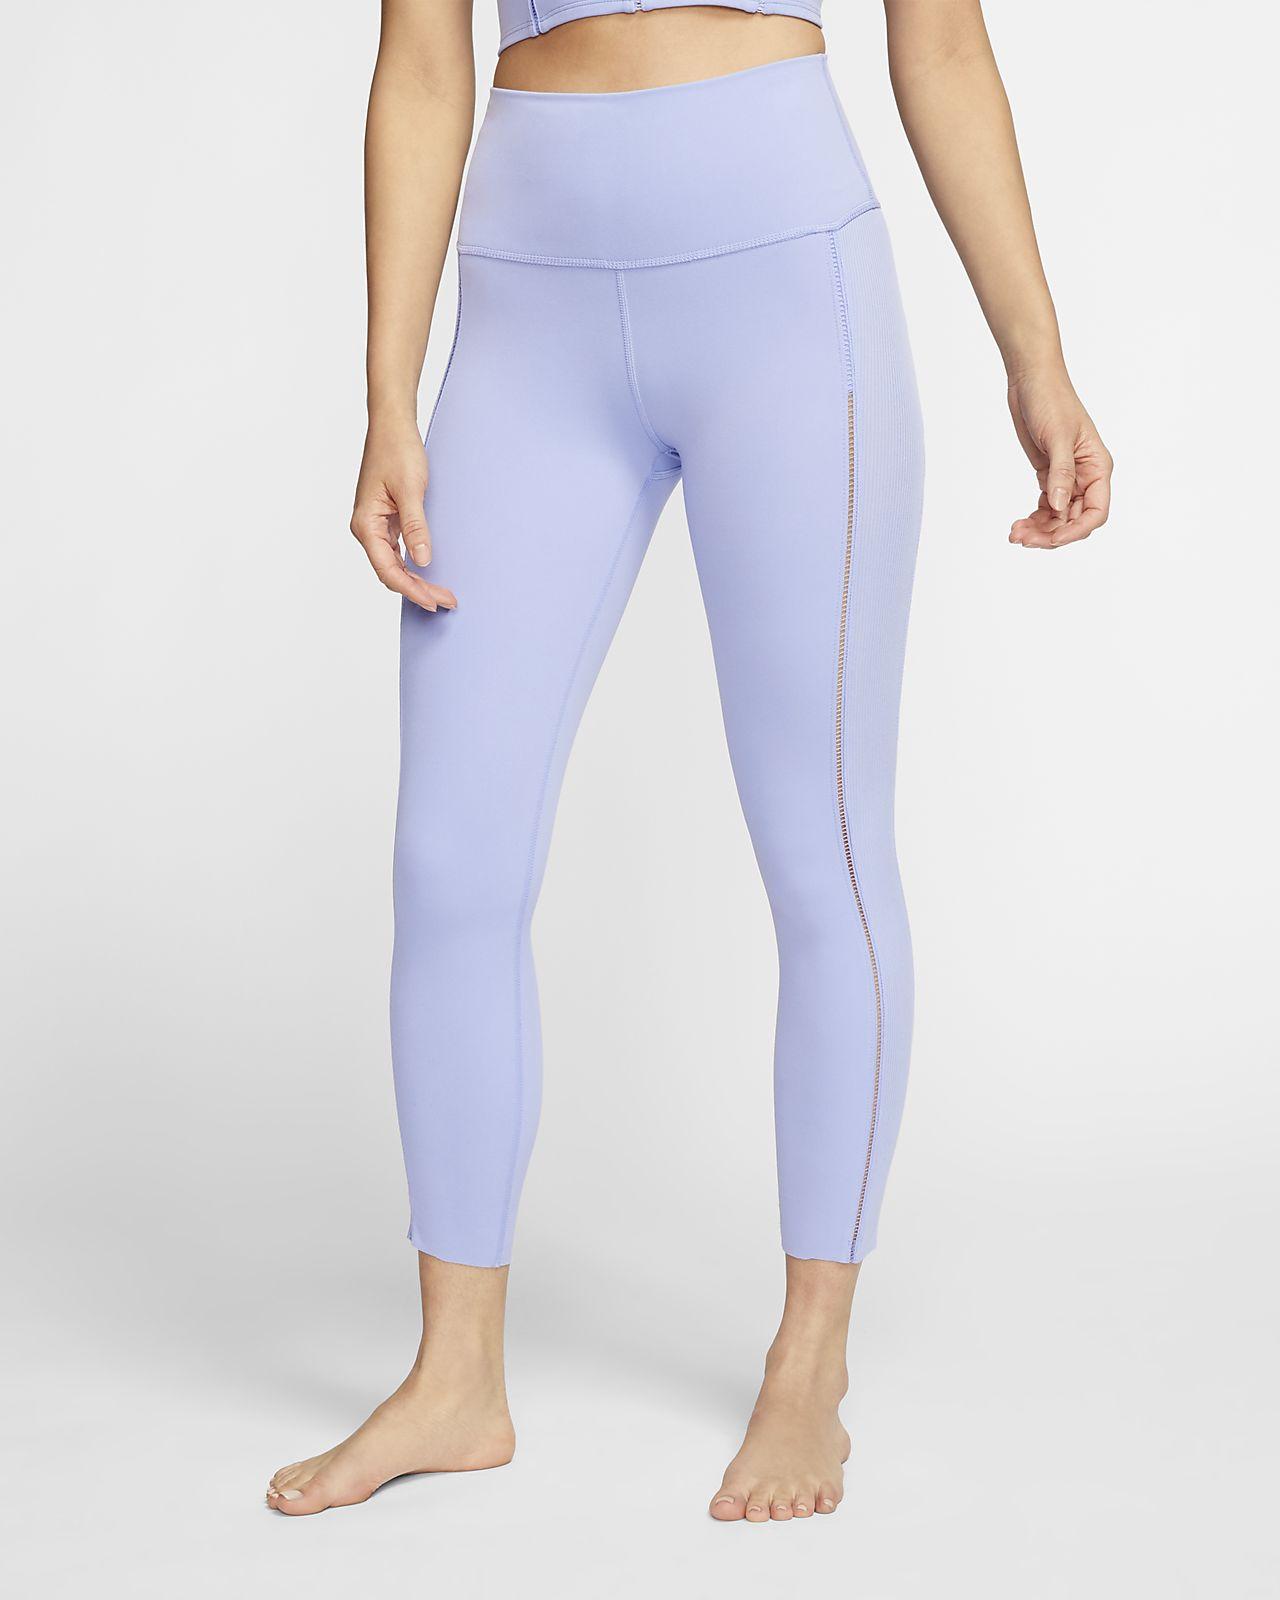 Nike Yoga Luxe Infinalon Ribbed 7/8 女子紧身裤